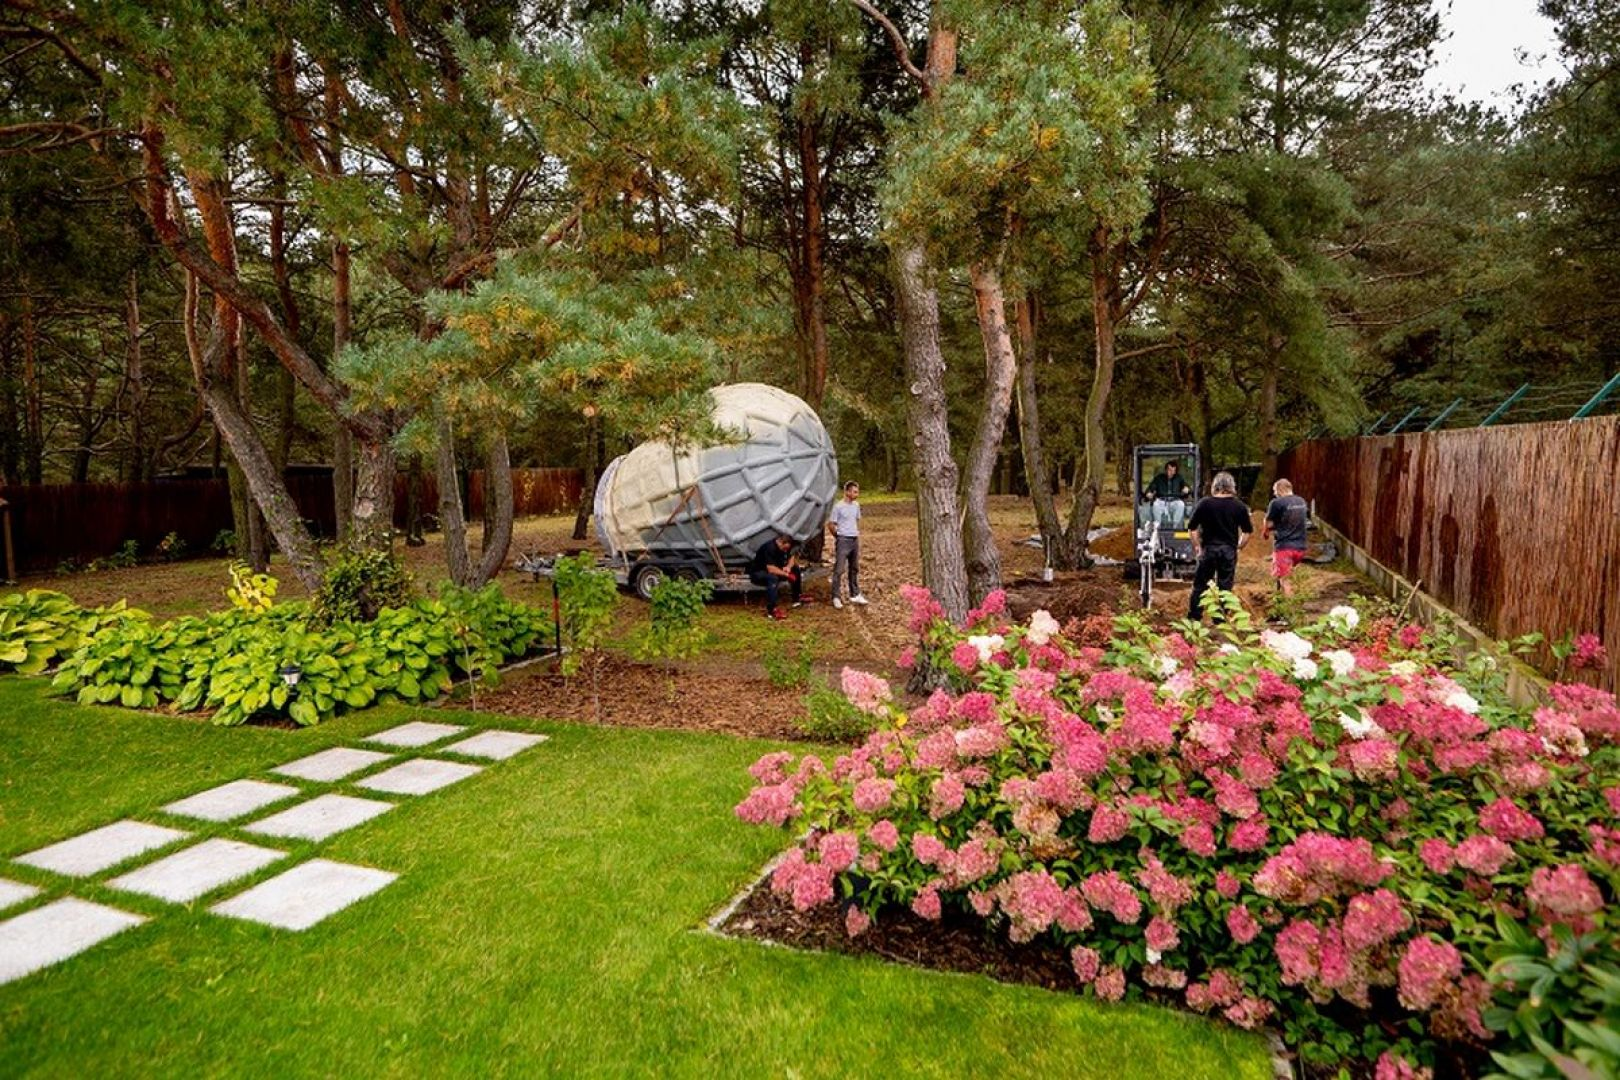 Piwniczka ogrodowa łączy w sobie dwa istotne aspekty: stanowi dodatkową przestrzeń do przechowywania produktów żywnościowych czy wina, ale także urozmaica krajobraz. Fot. The Shire Cellar